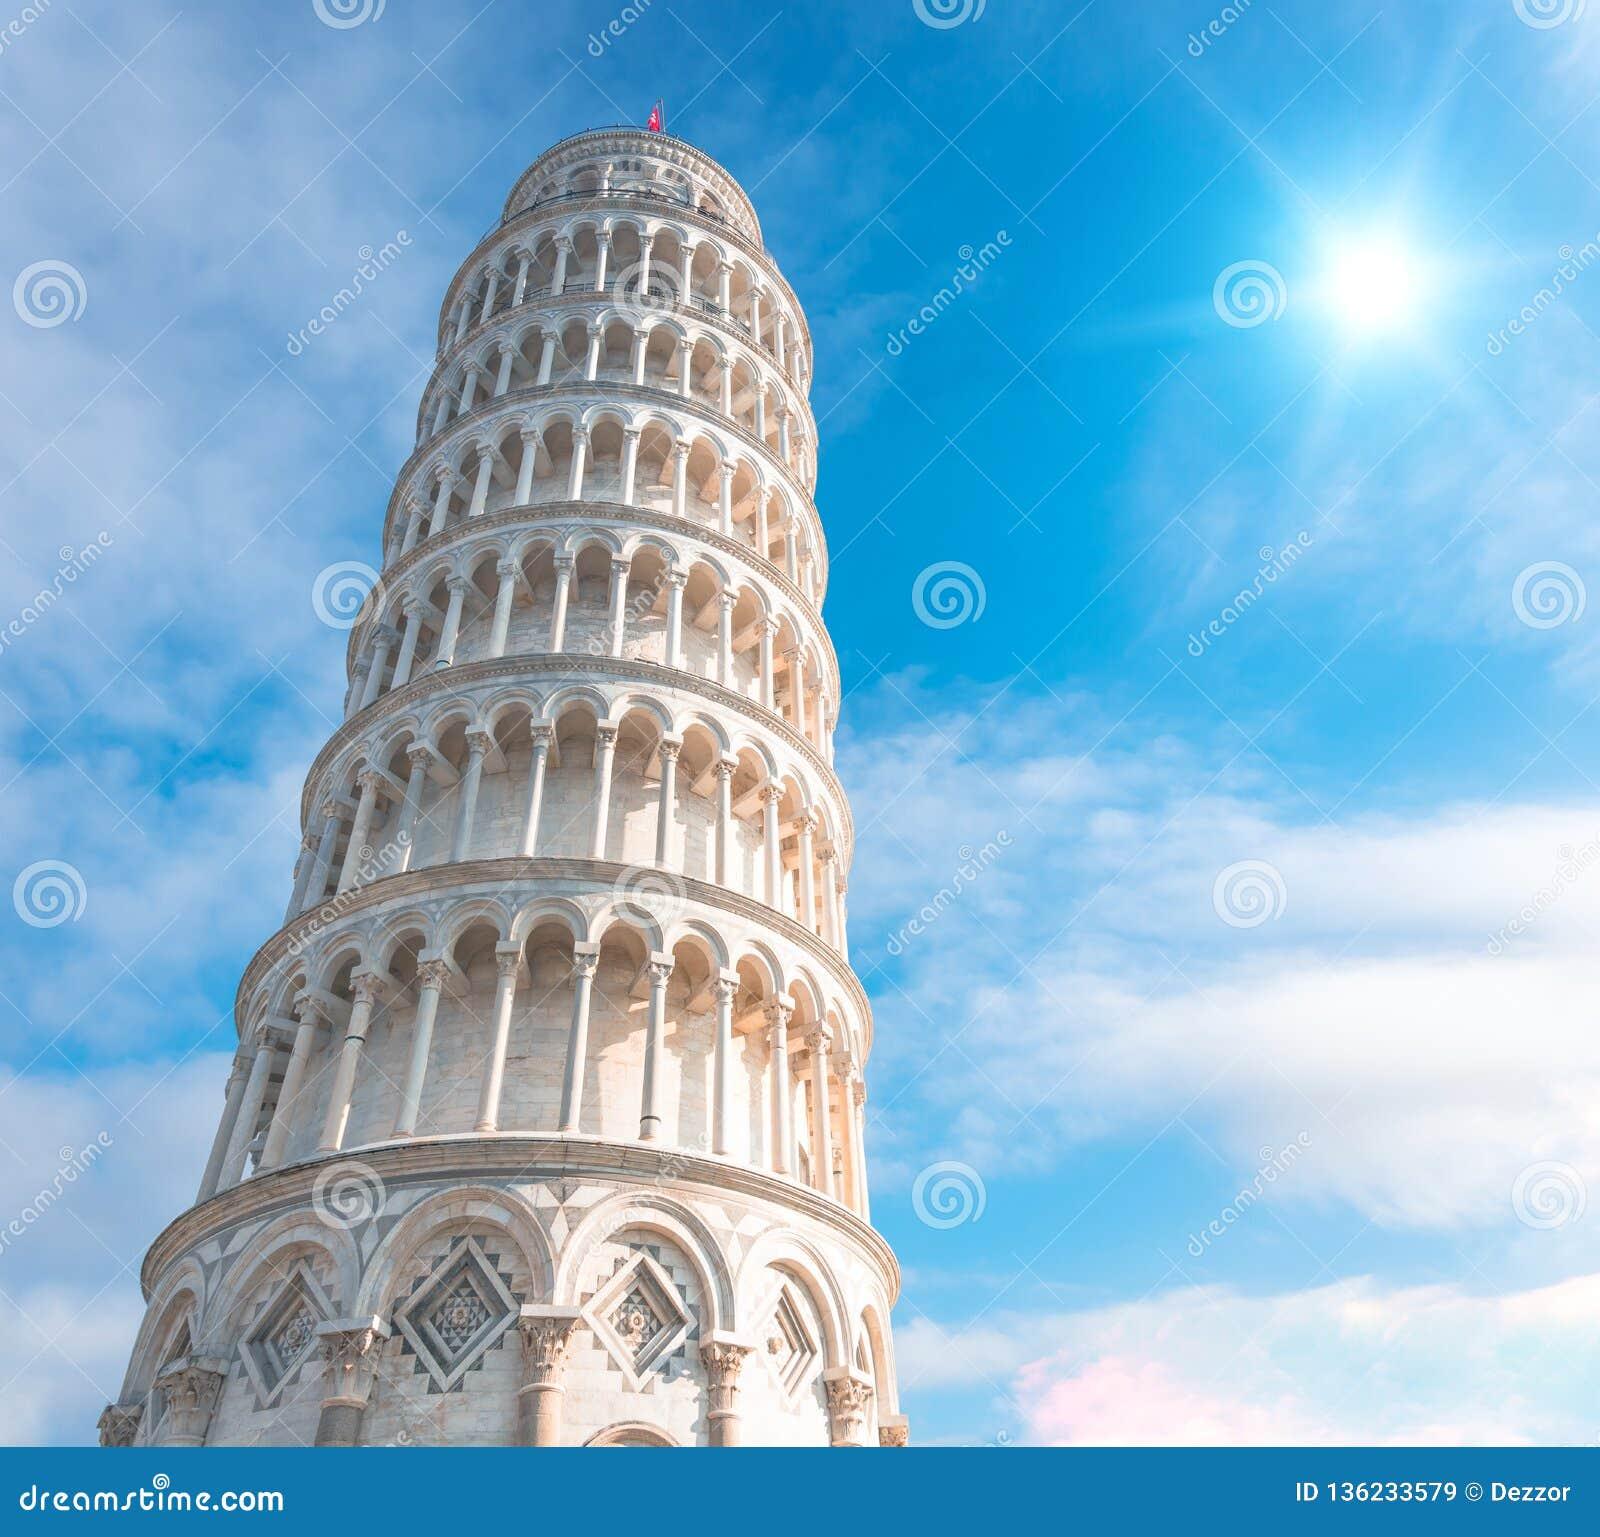 A torre inclinada de Pisa, Itália, na perspectiva de um céu bonito do dia e do sol brilhante